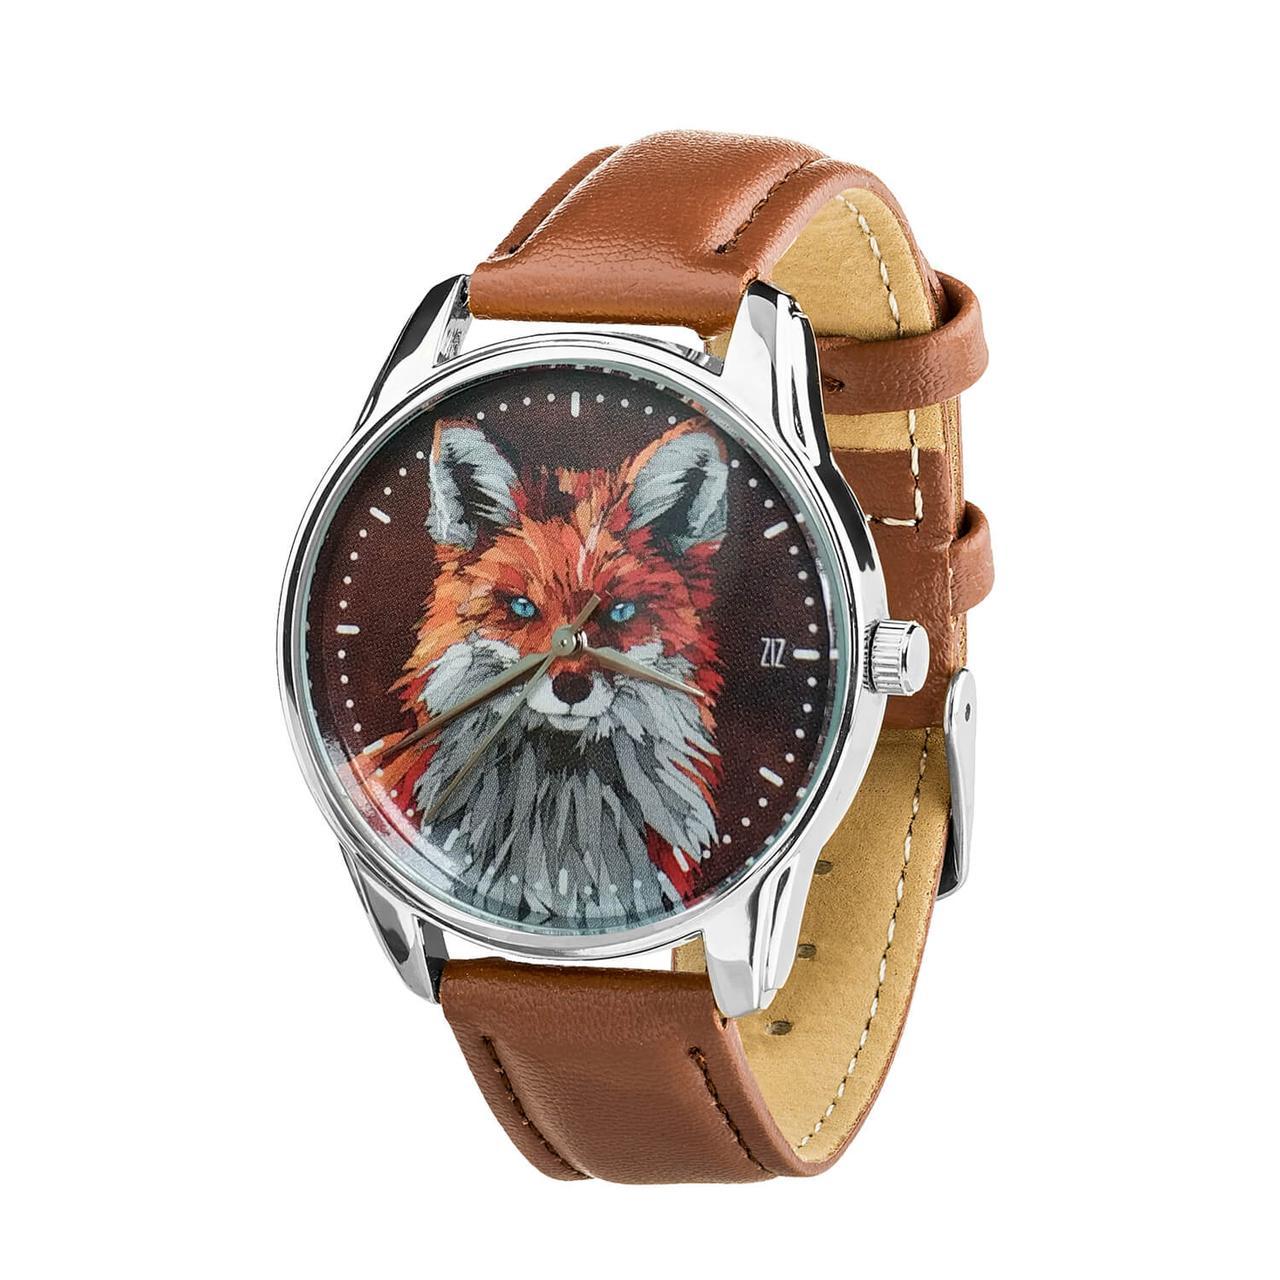 Часы наручные ZIZ Лисица (кофейно - шоколадный, серебро) + дополнительный ремешок